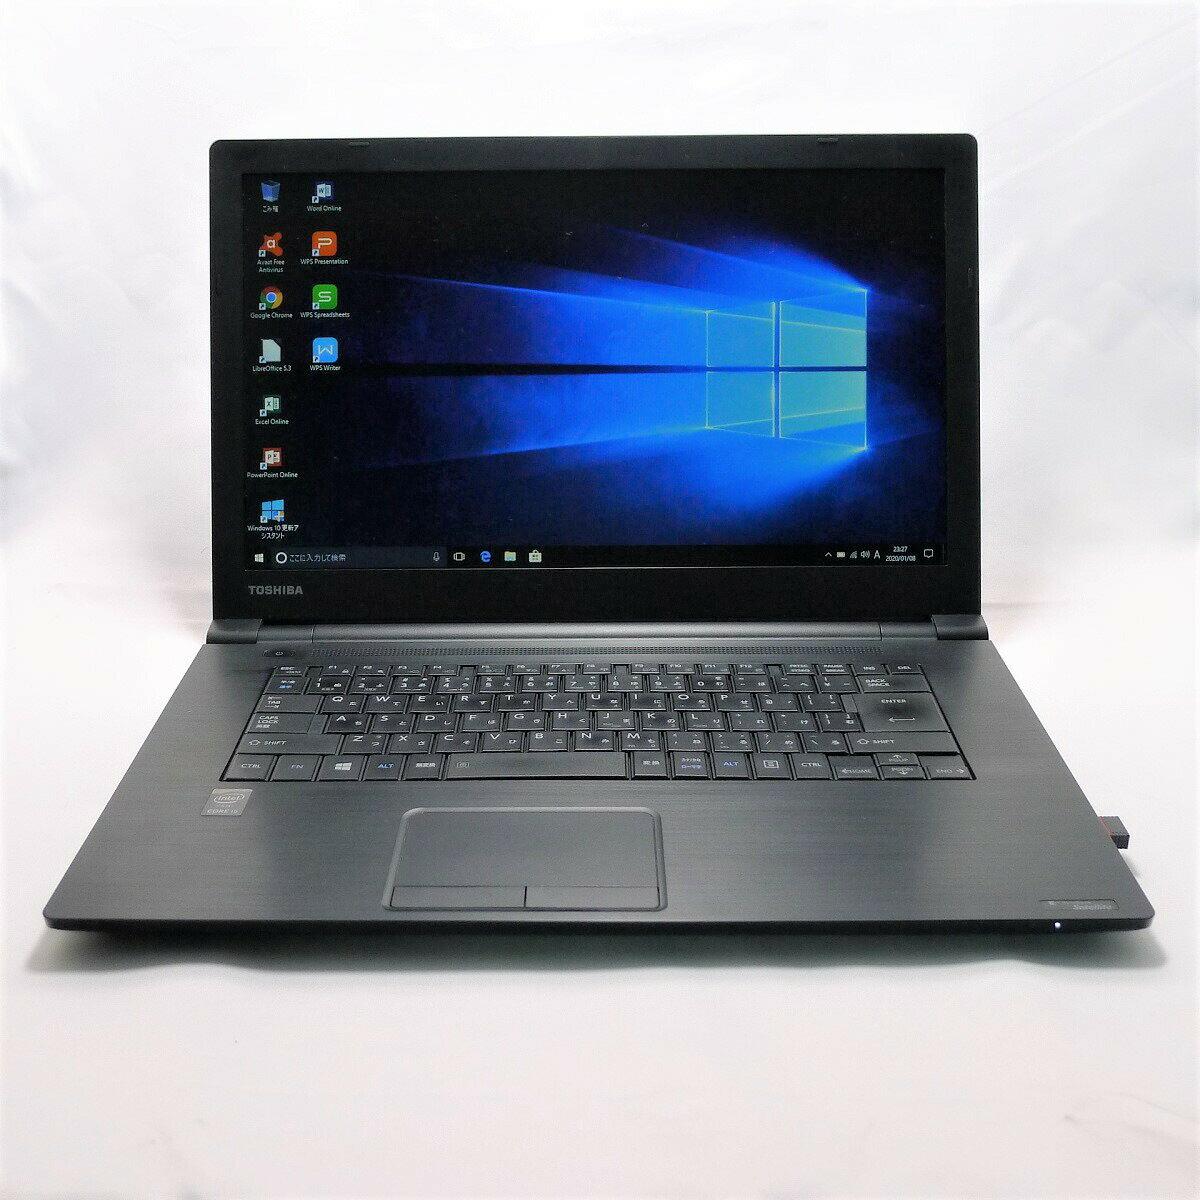 パソコン, ノートPC TOSHIBA dynabook Satellite B65 Core i5 8GB HDD320GB DVD-ROM LAN Windows10 64bitWPSOffice 15.6